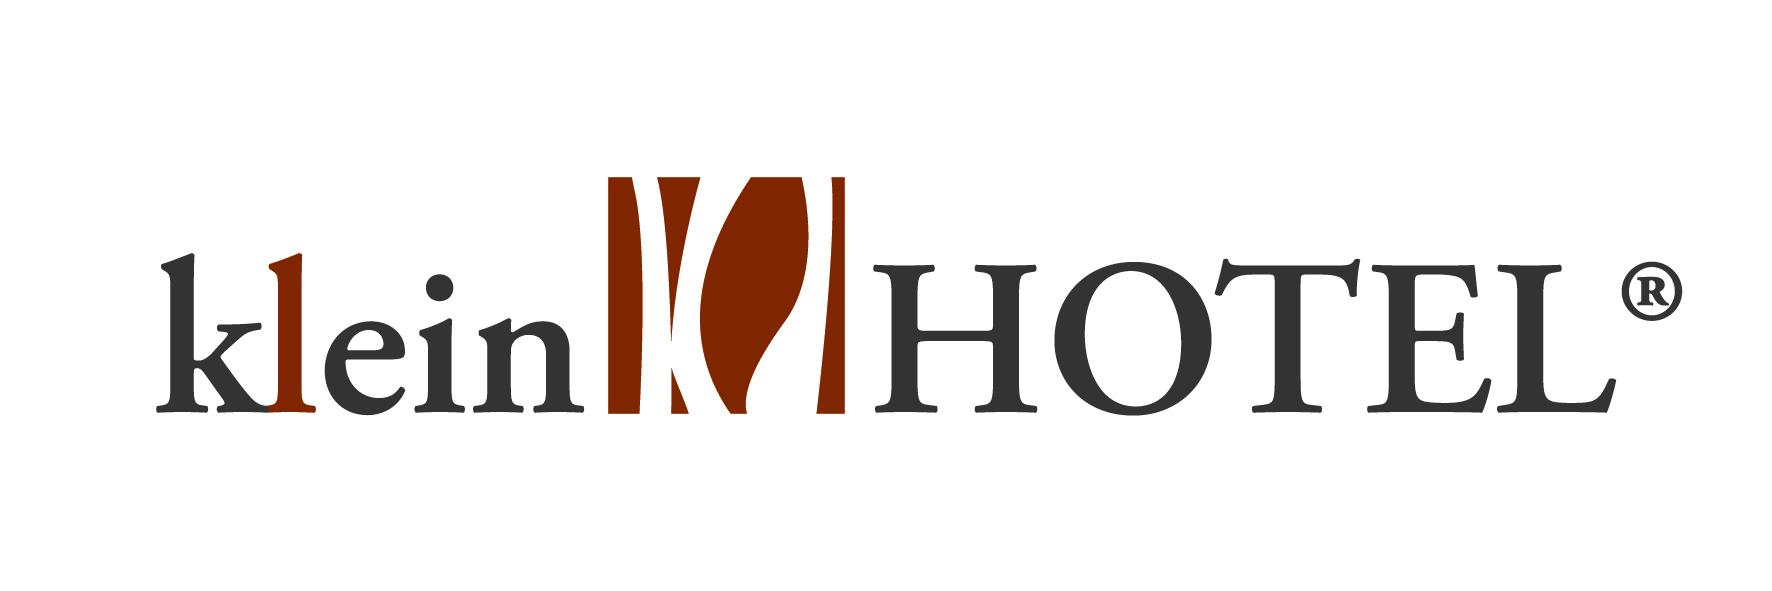 2020-07-01_5efcfd9bb132f_kh_logo2015-4c